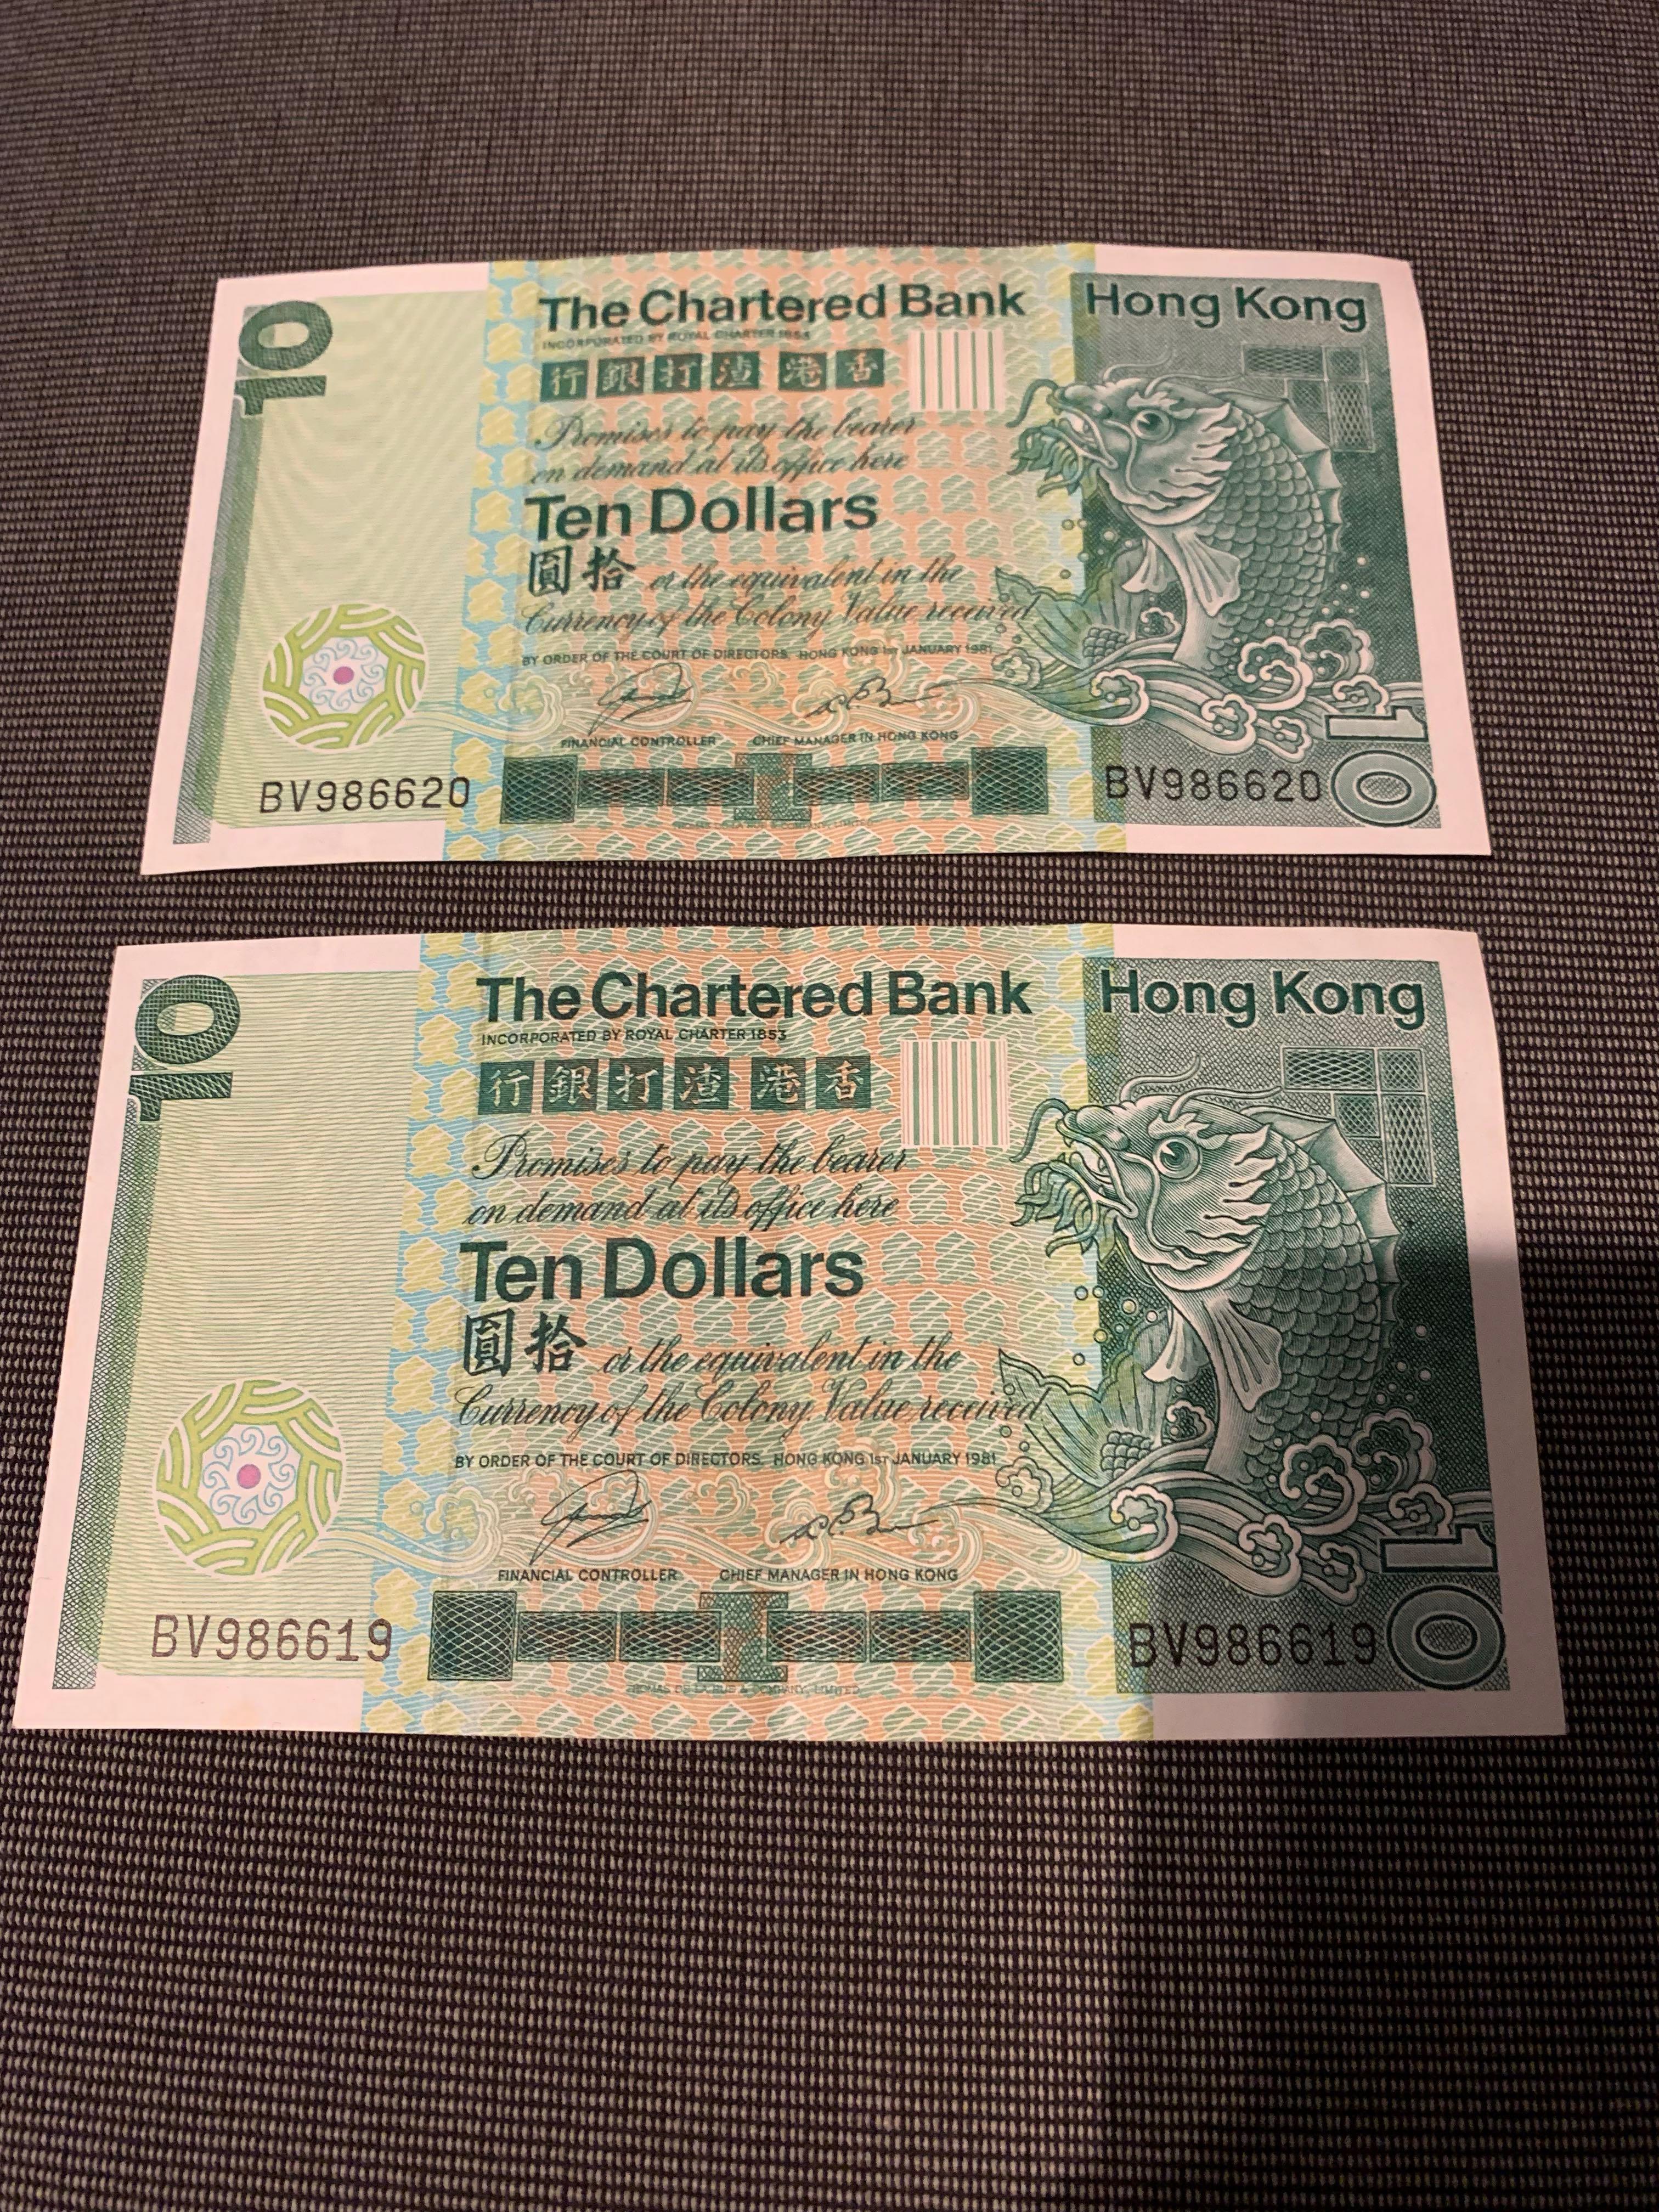 2張舊錢幣渣打1981年大張連號10蚊紙幣